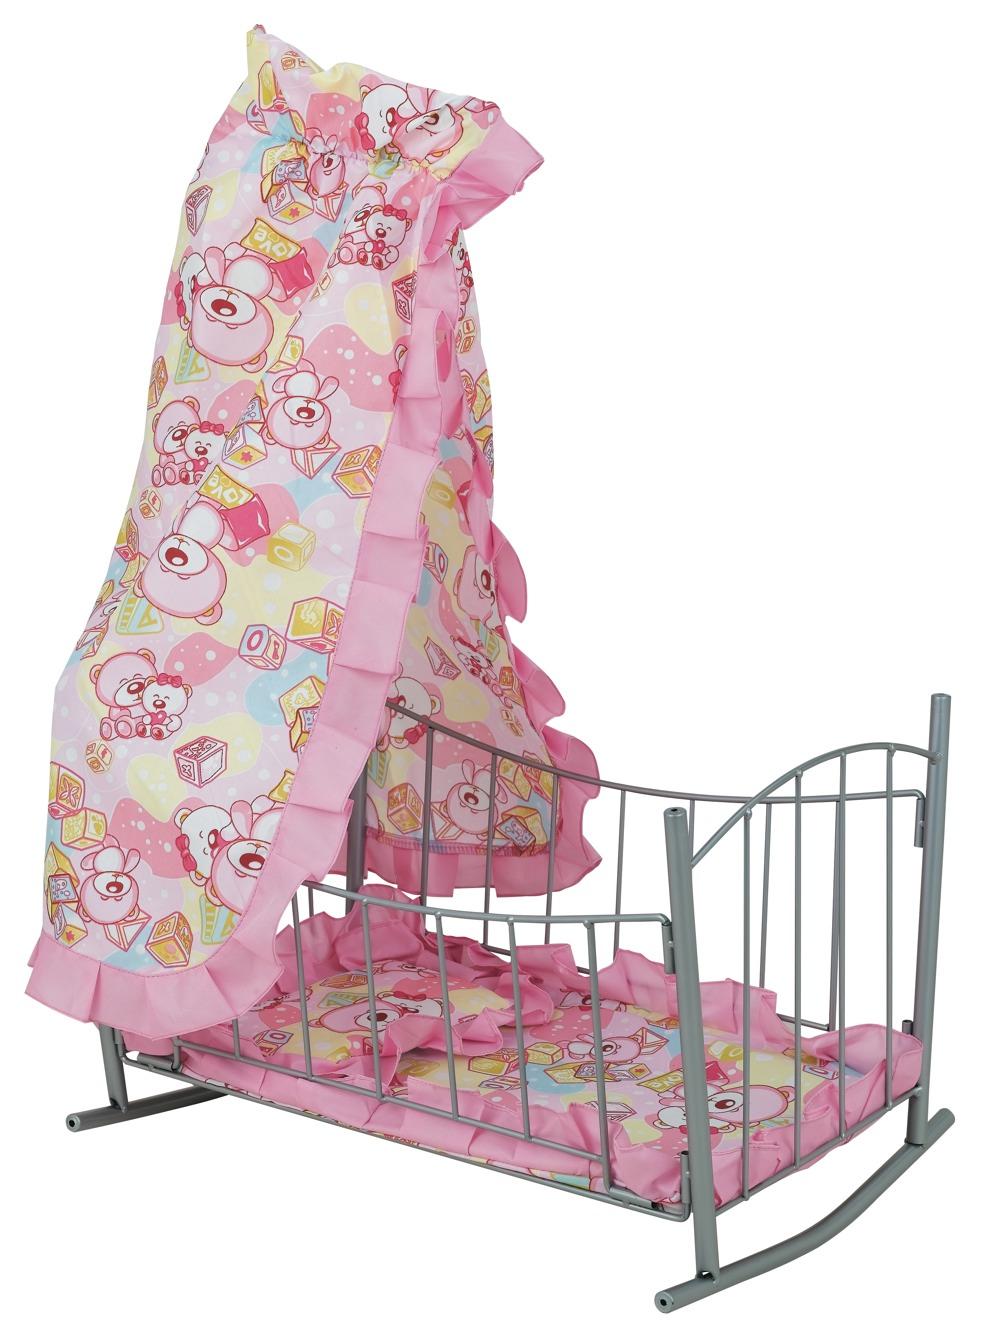 Кроватка для куклы с балдахиномДетские кроватки для кукол<br><br>